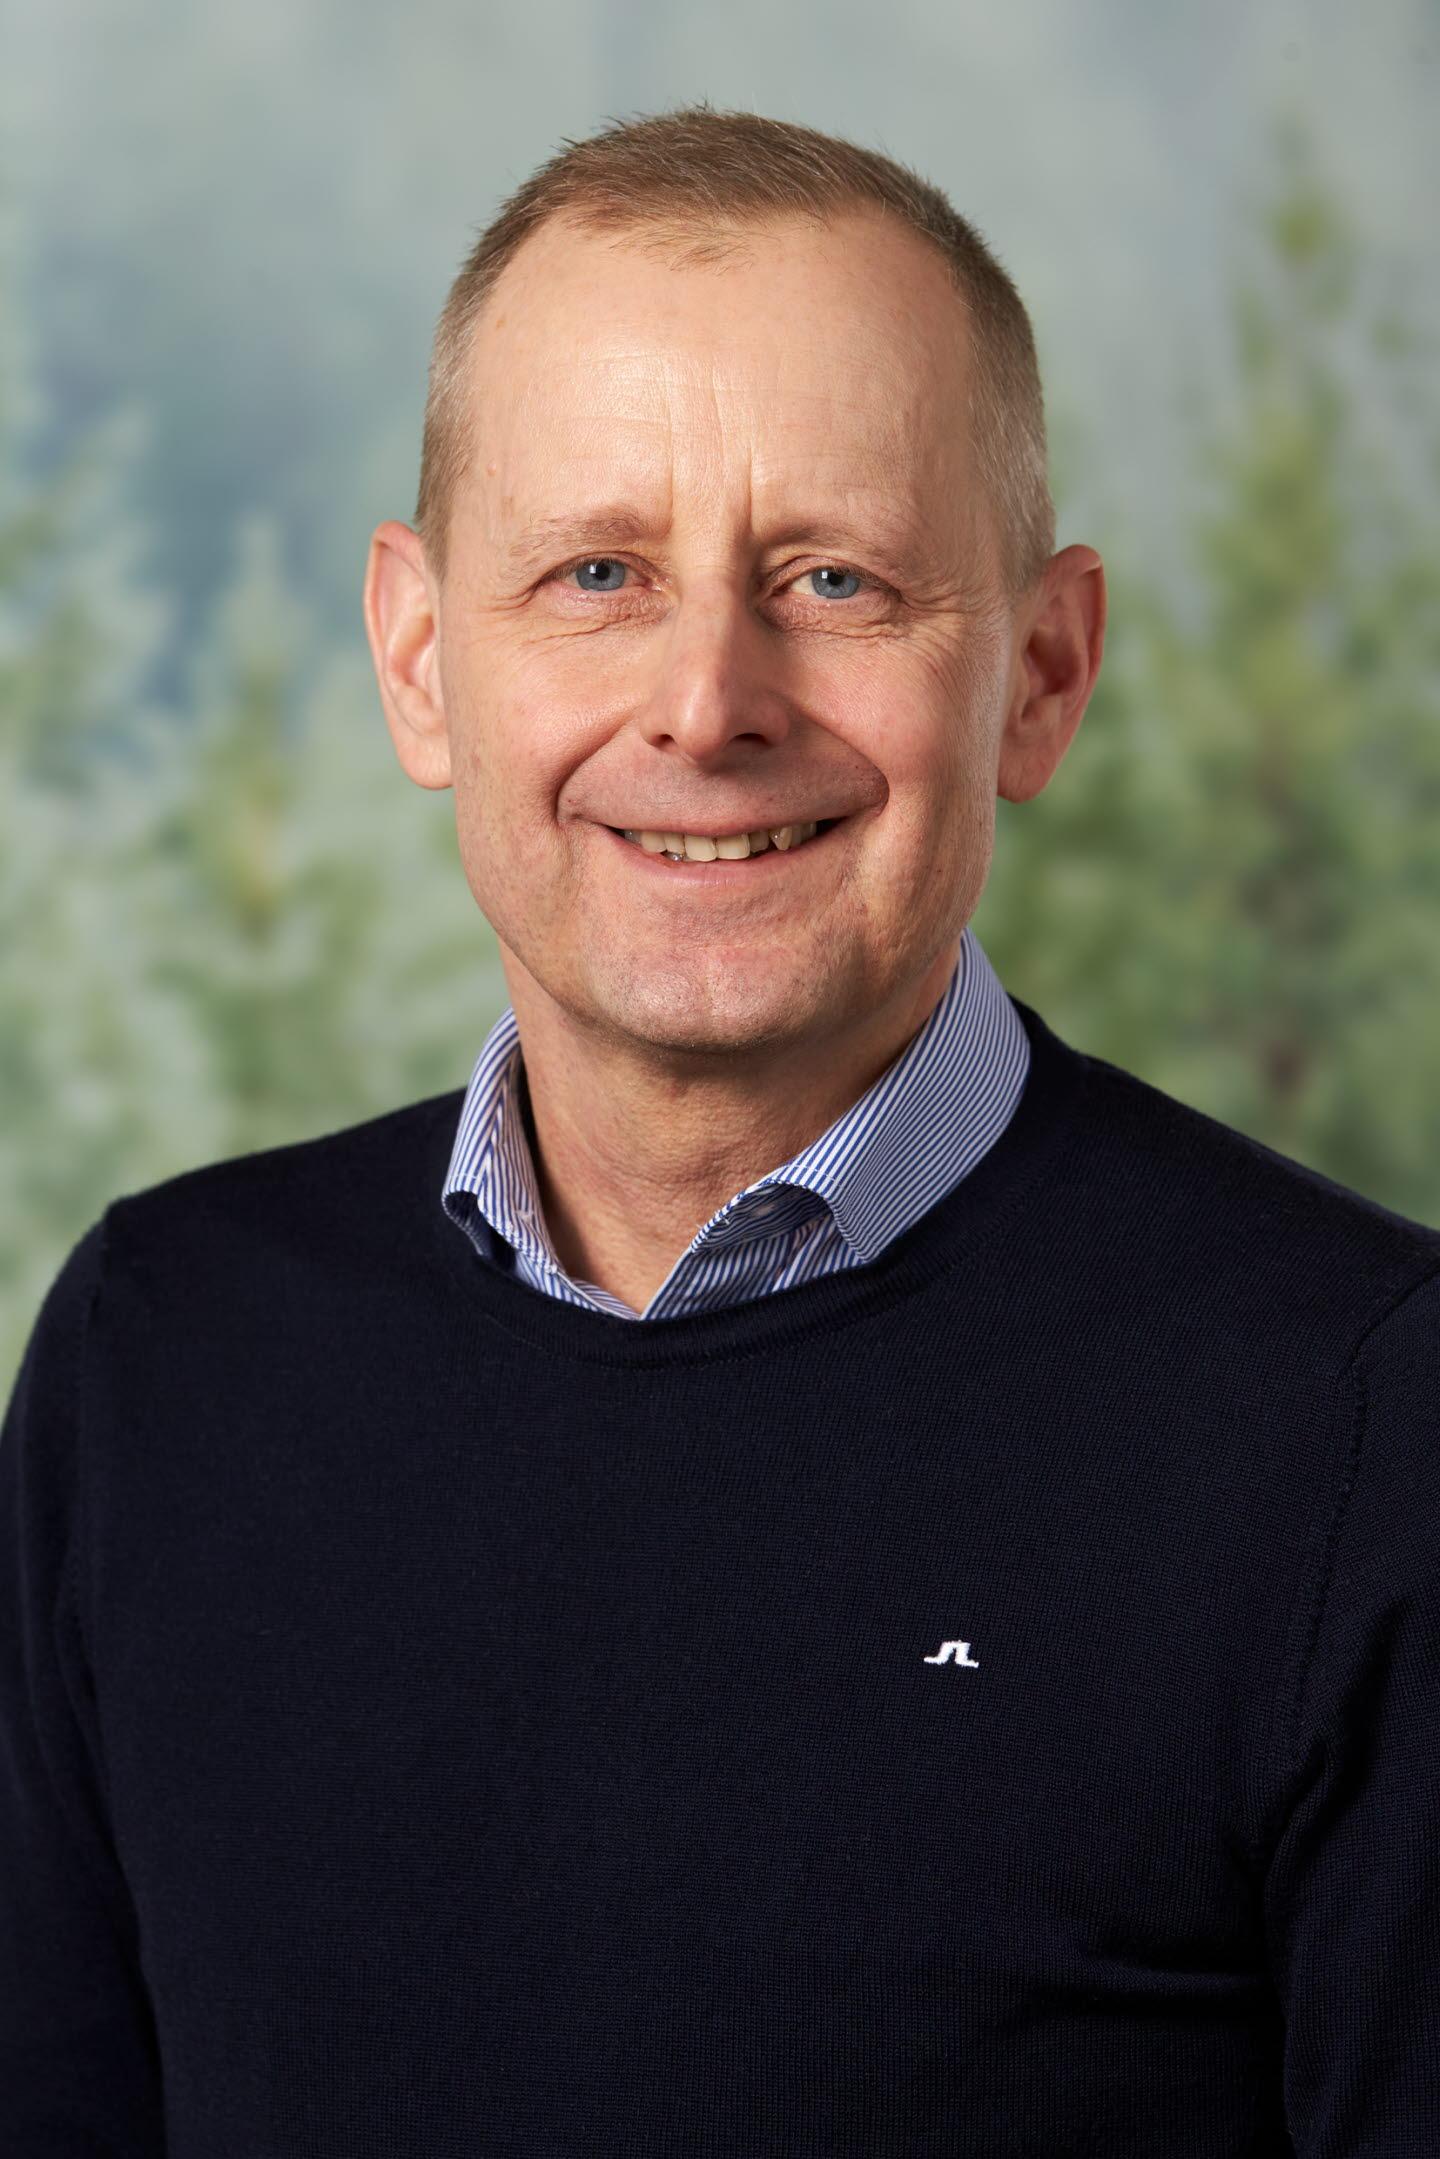 Håkan Lind